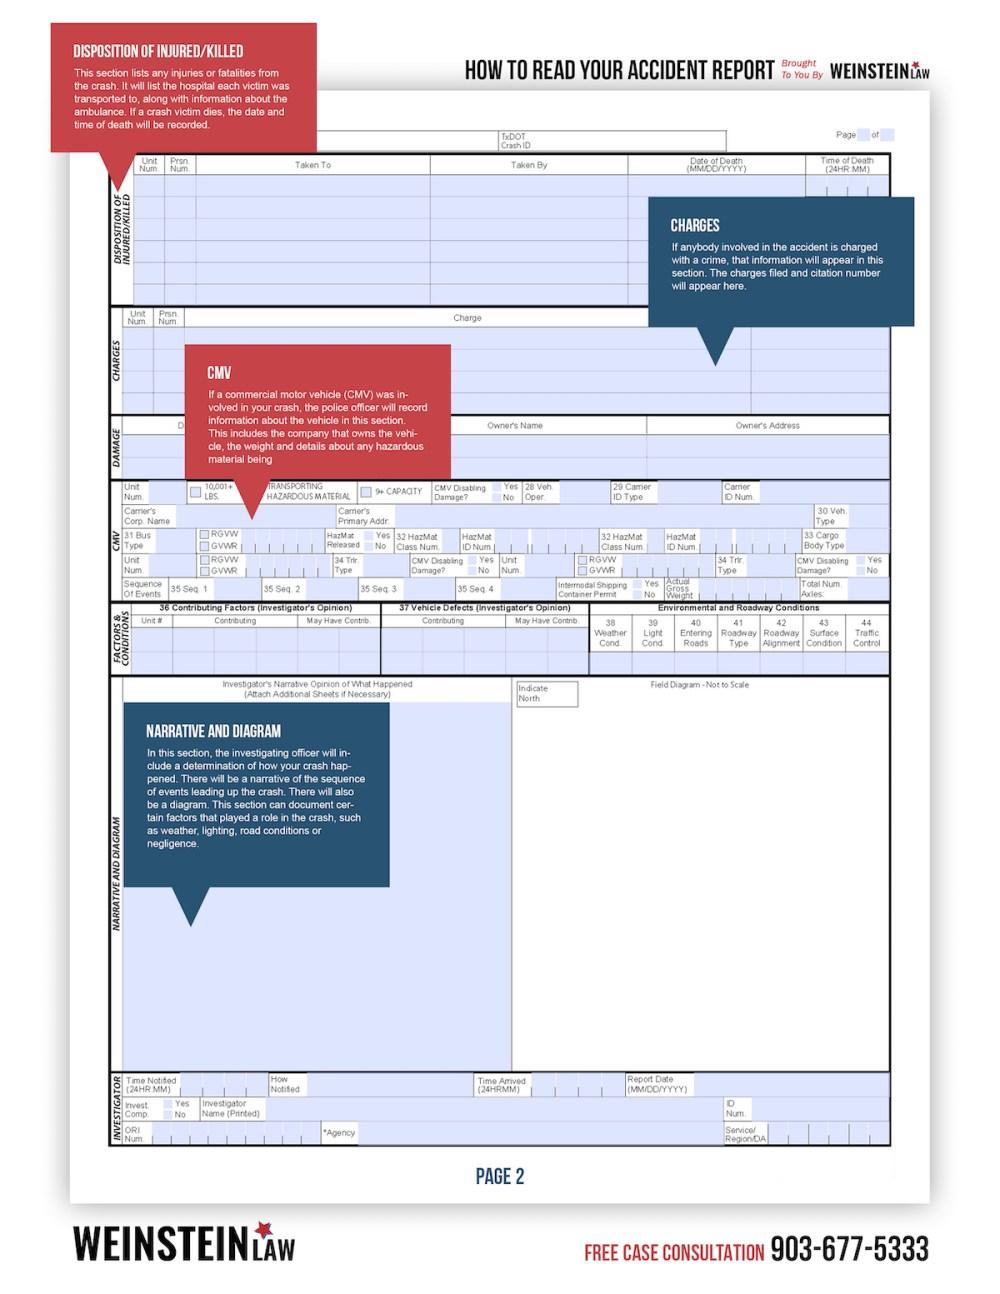 medium resolution of weinstein accident report pg 2